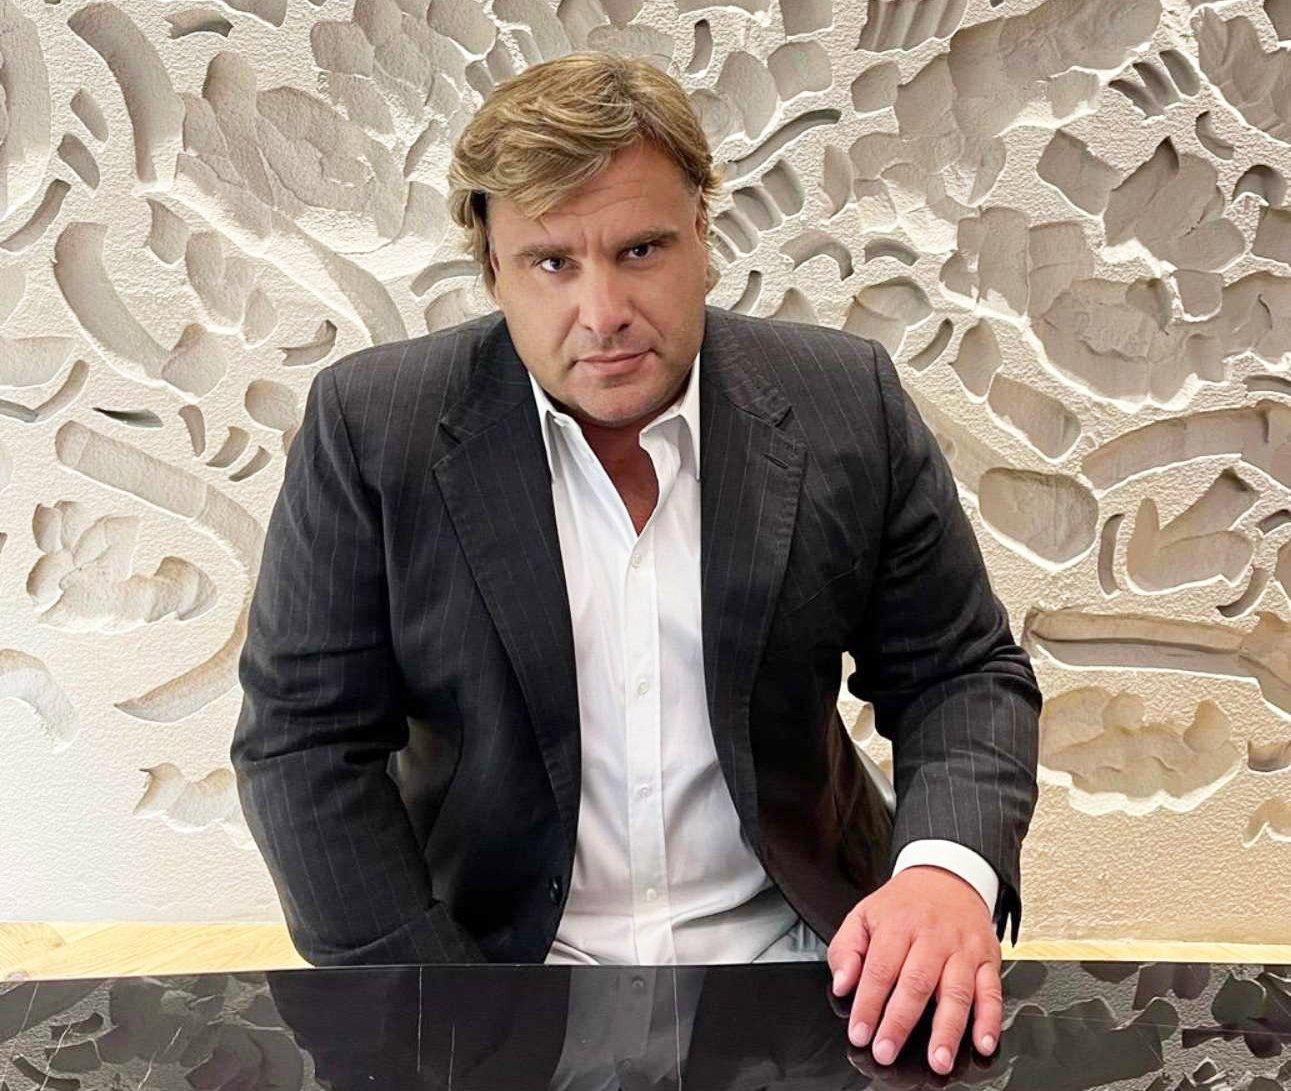 Одесский мультимиллионер Галантерник впервые обнародовал свои активы и показал лицо, - ФОТО, фото-1